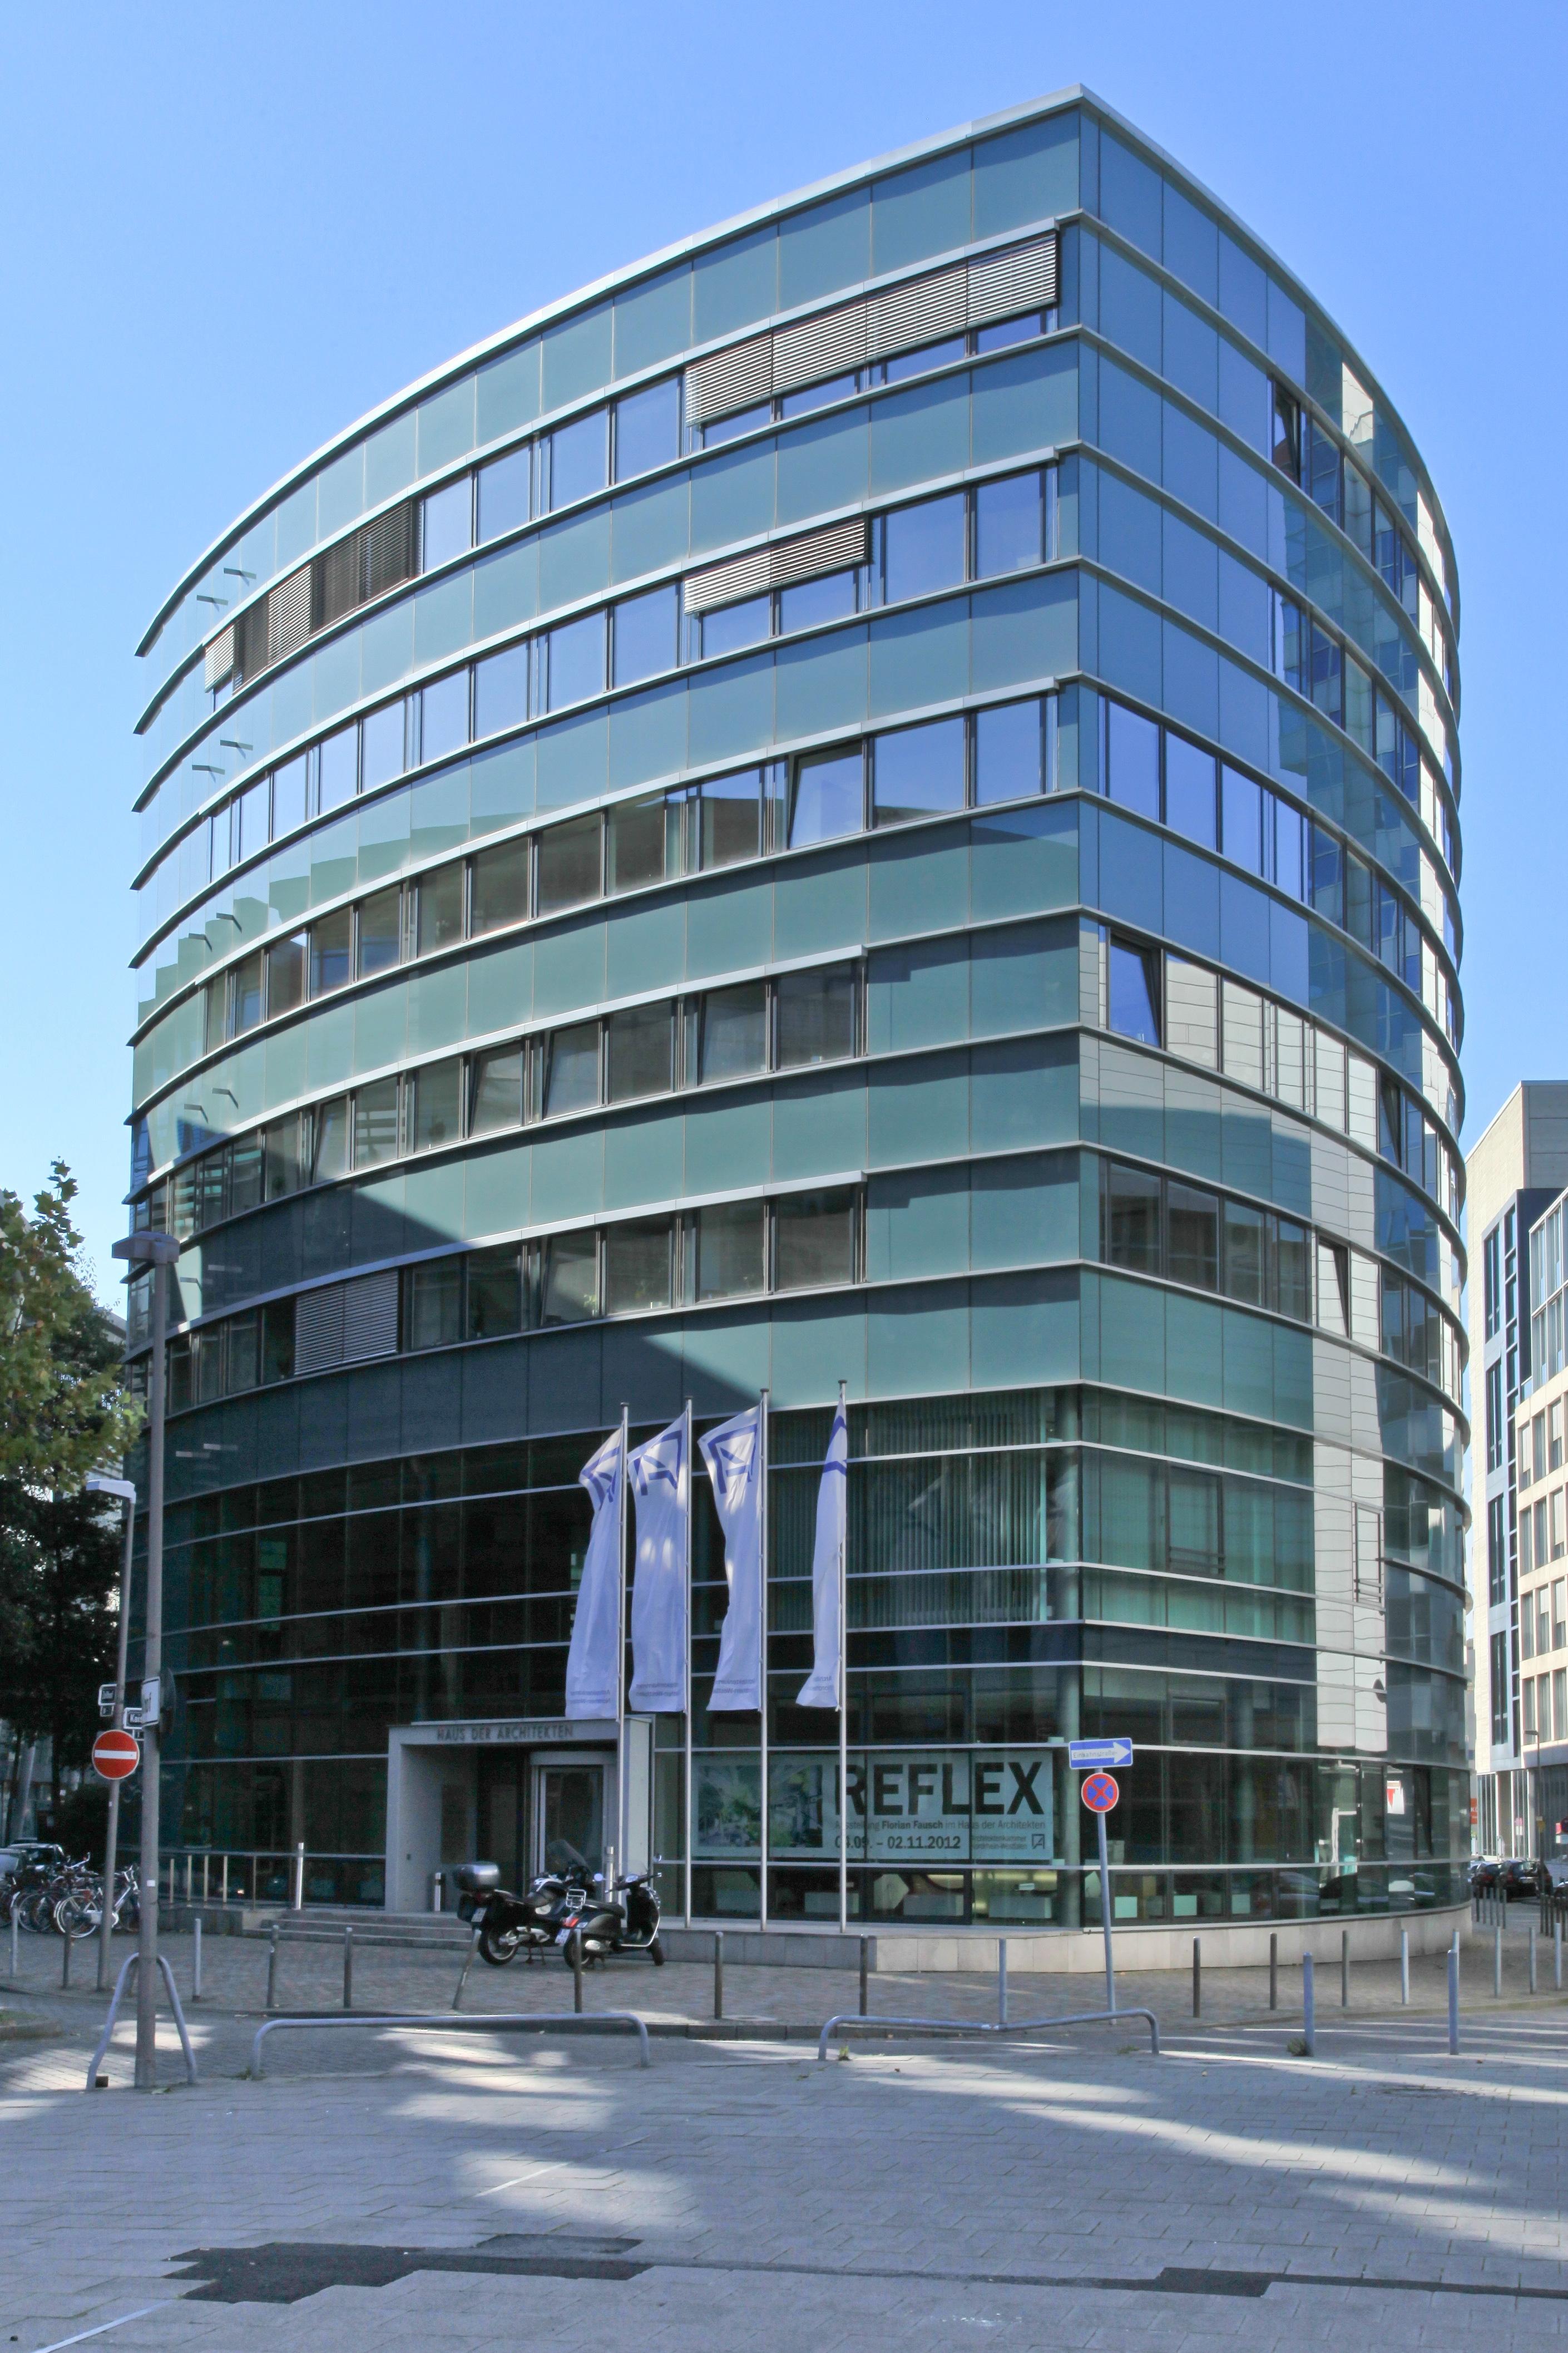 Architektenkammer Düsseldorf file düsseldorf zollhof1 haus der architekten 02 ies jpg